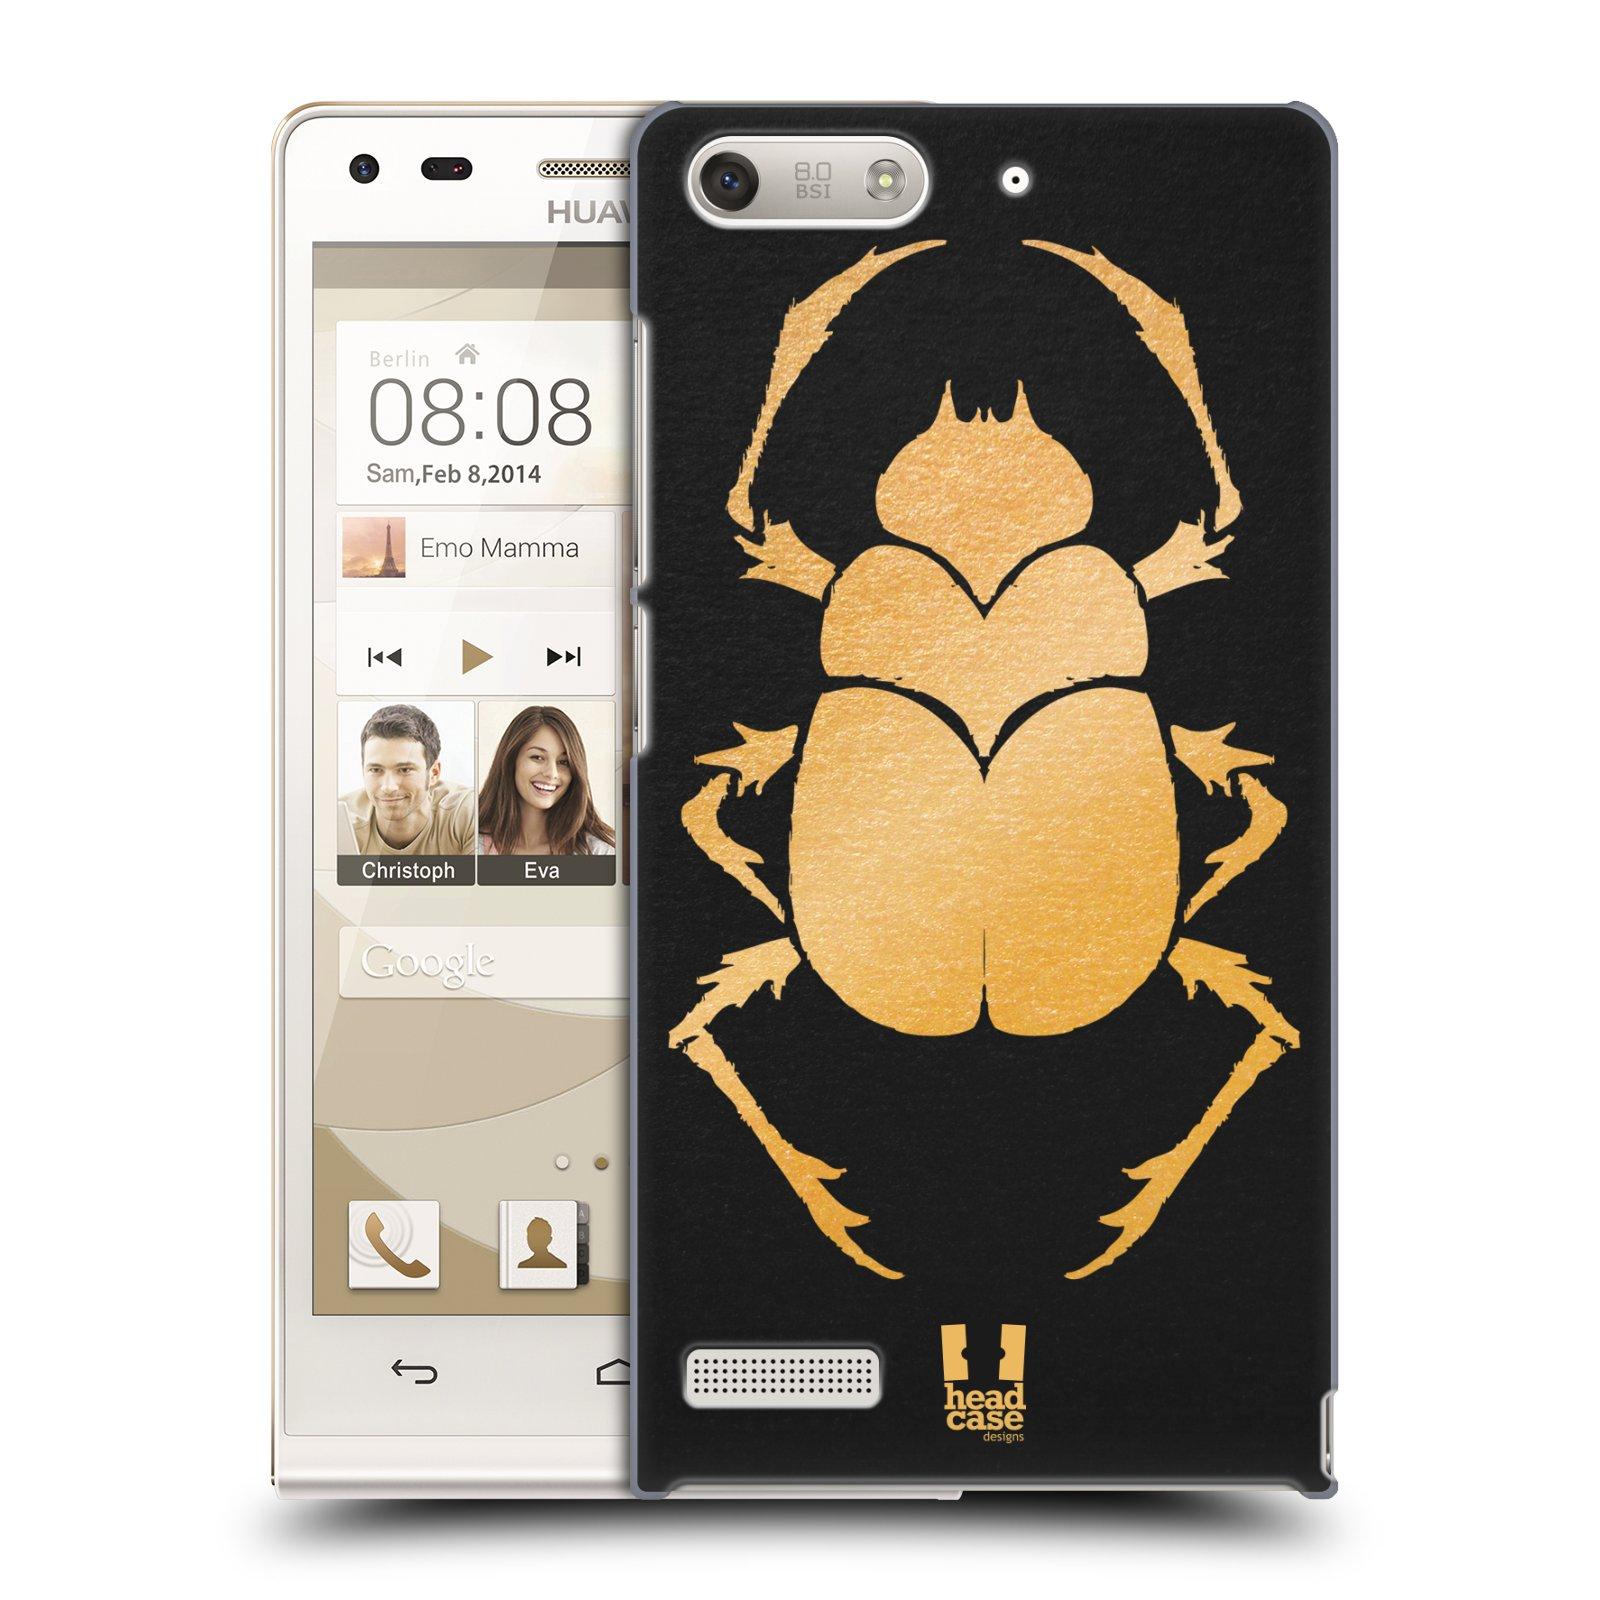 Plastové pouzdro na mobil Huawei Ascend G6 HEAD CASE EGYPT SCARABEUS (Kryt či obal na mobilní telefon Huawei Ascend G6 bez LTE)